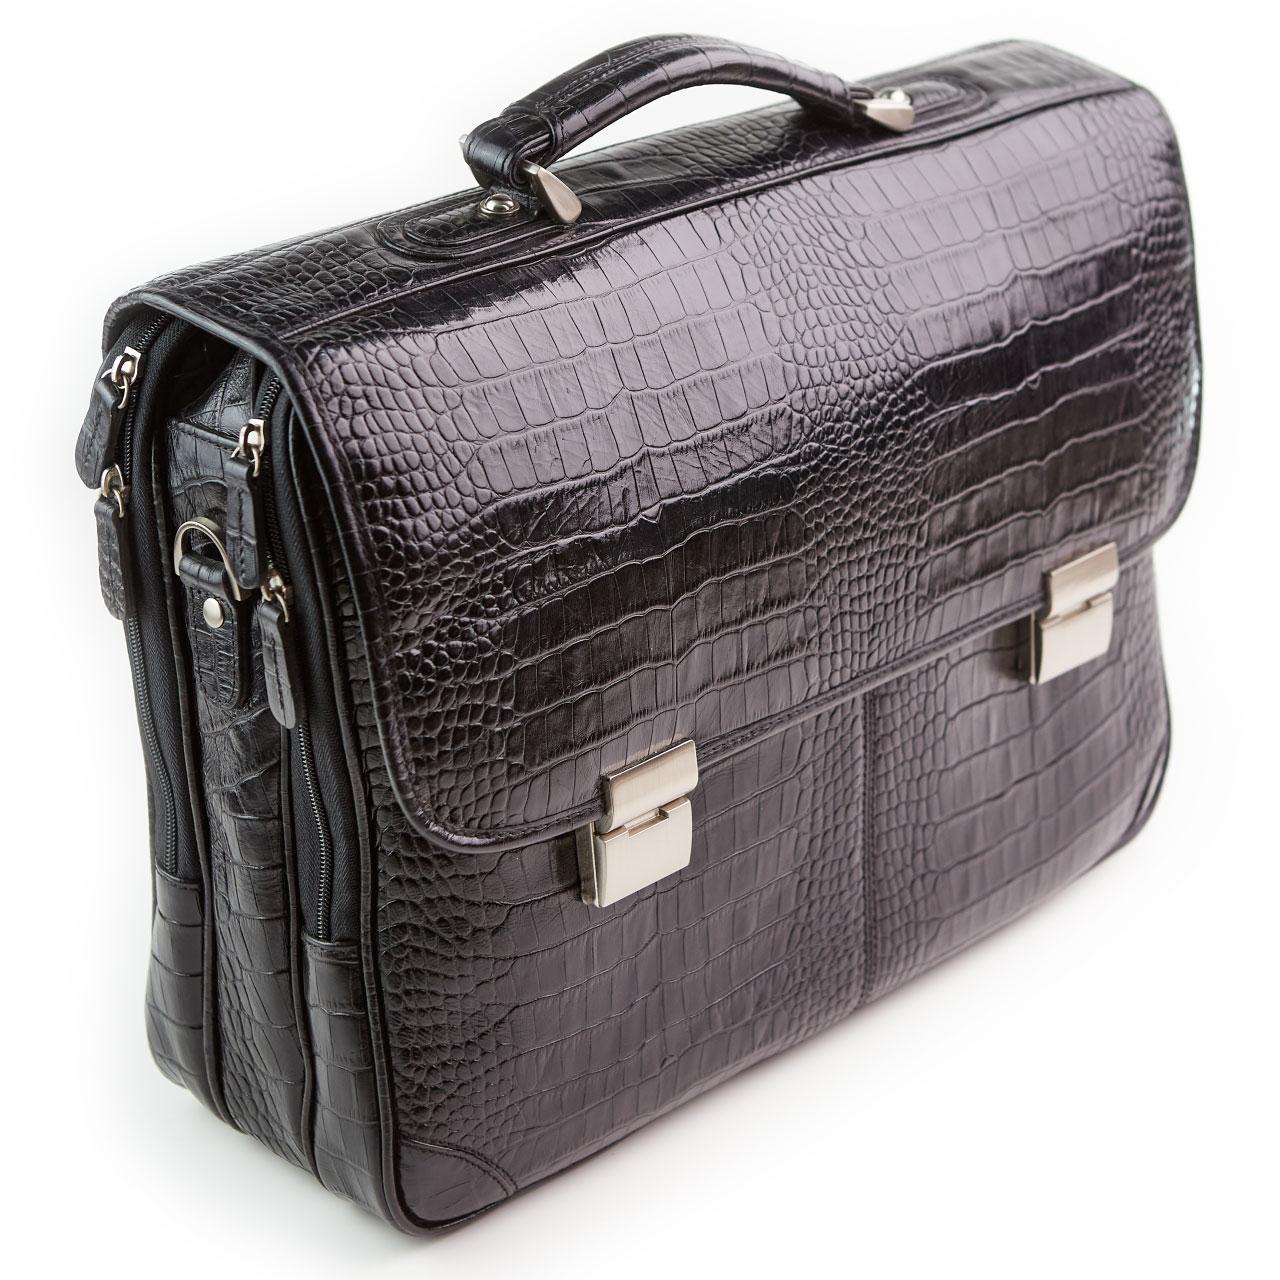 Большой мужской портфель Eminsa кожаный черный 7027-4-1